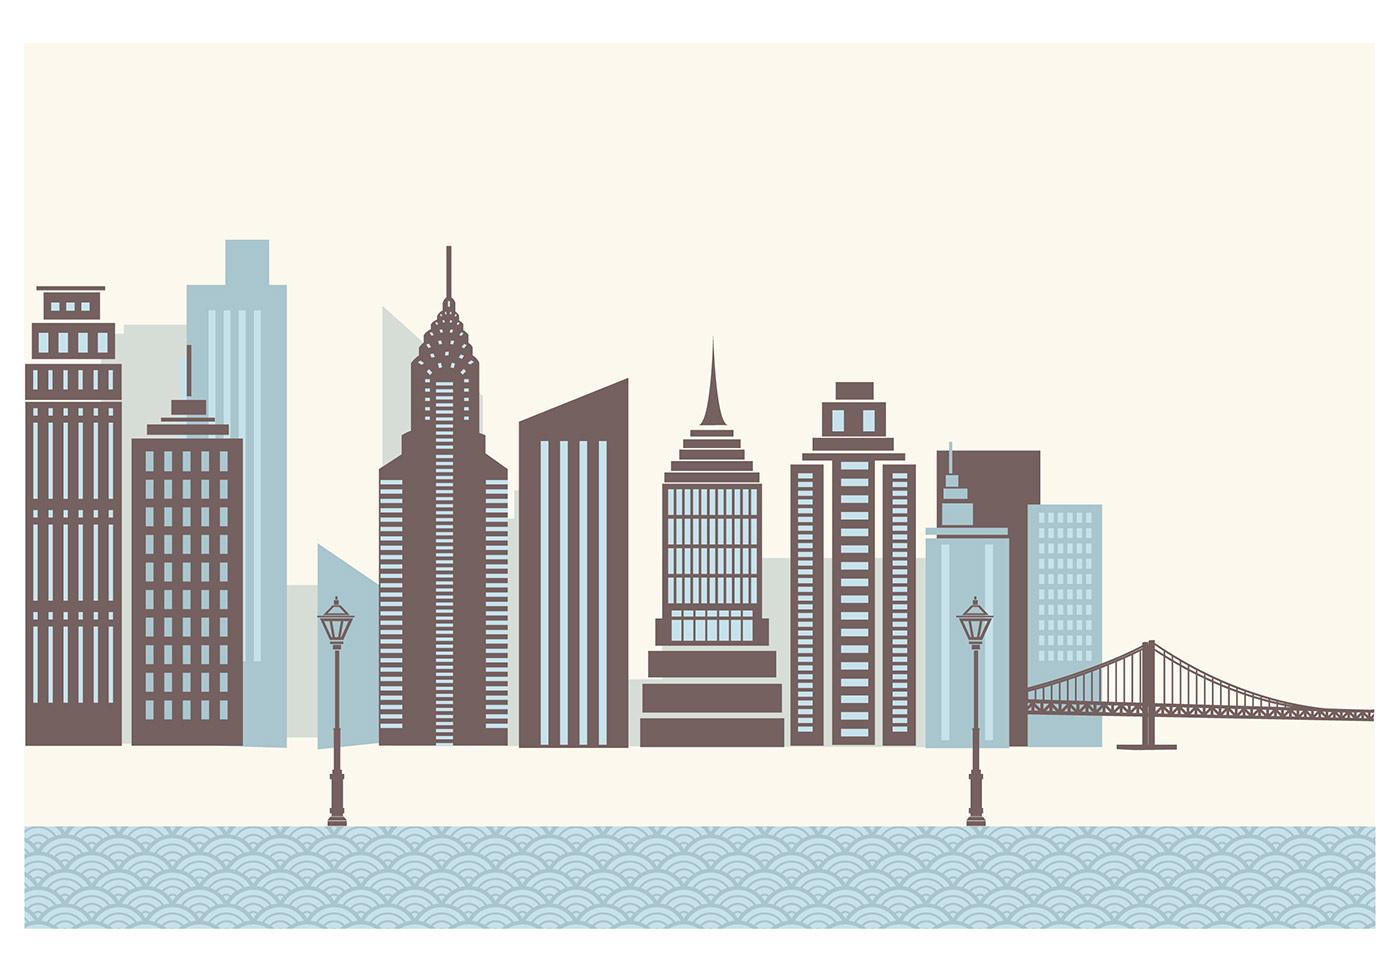 Skyscraper City Wallpaper Vector - Download Free Vectors ...